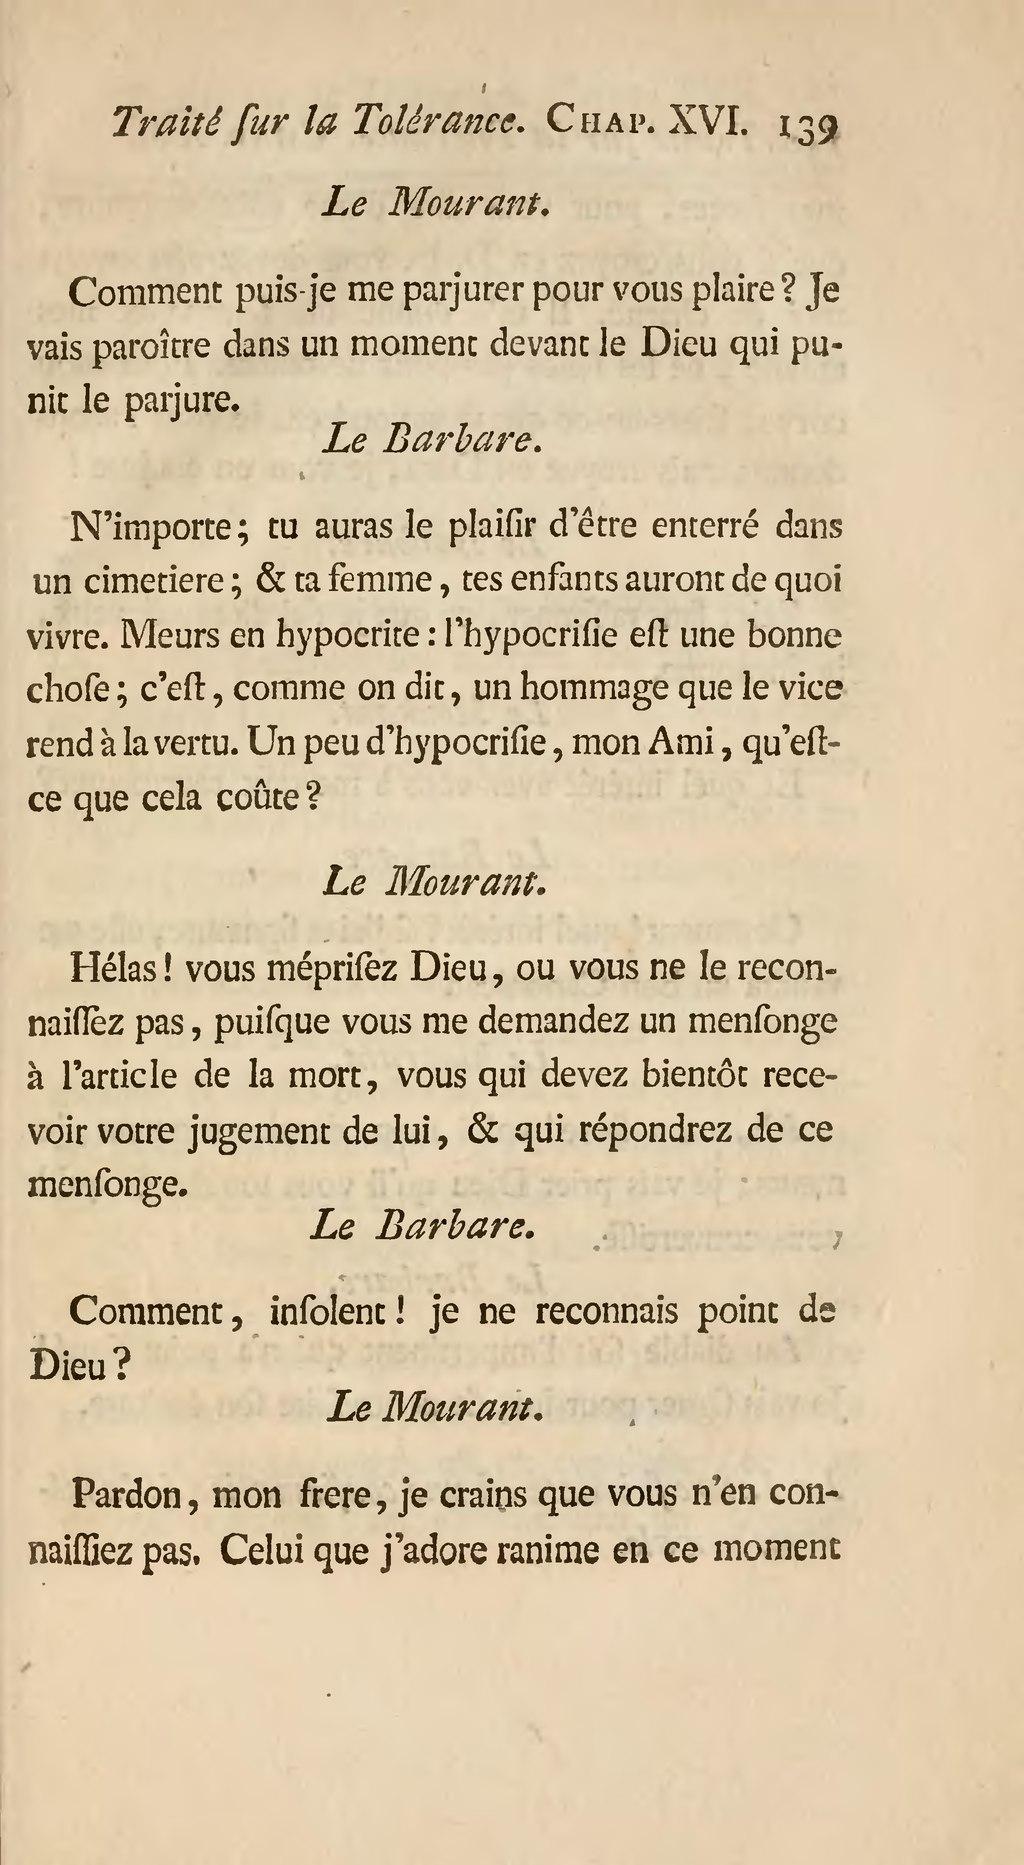 L'hypocrisie Est Un Hommage Que Le Vice Rend à La Vertu : l'hypocrisie, hommage, vertu, Page:Voltaire, Traité, Tolérance, 1763.djvu/149, Wikisource